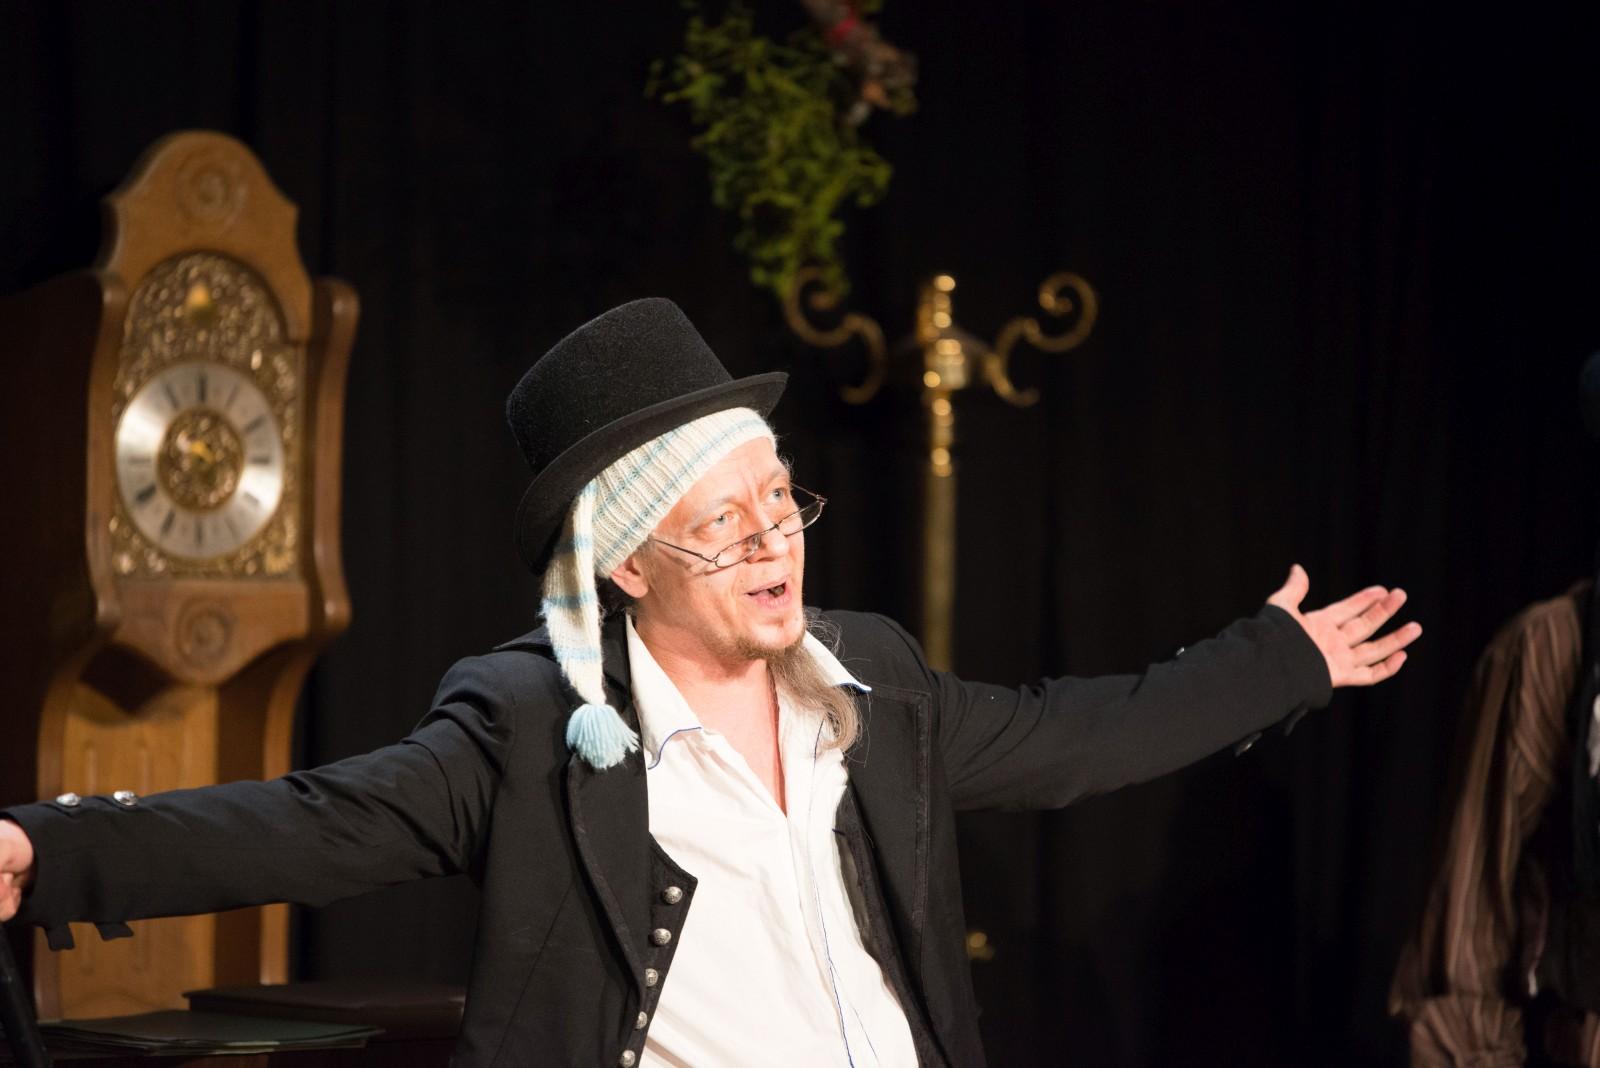 2019: Mr. Scrooge in Fröhliche Weihnachten, Mr. Scrooge